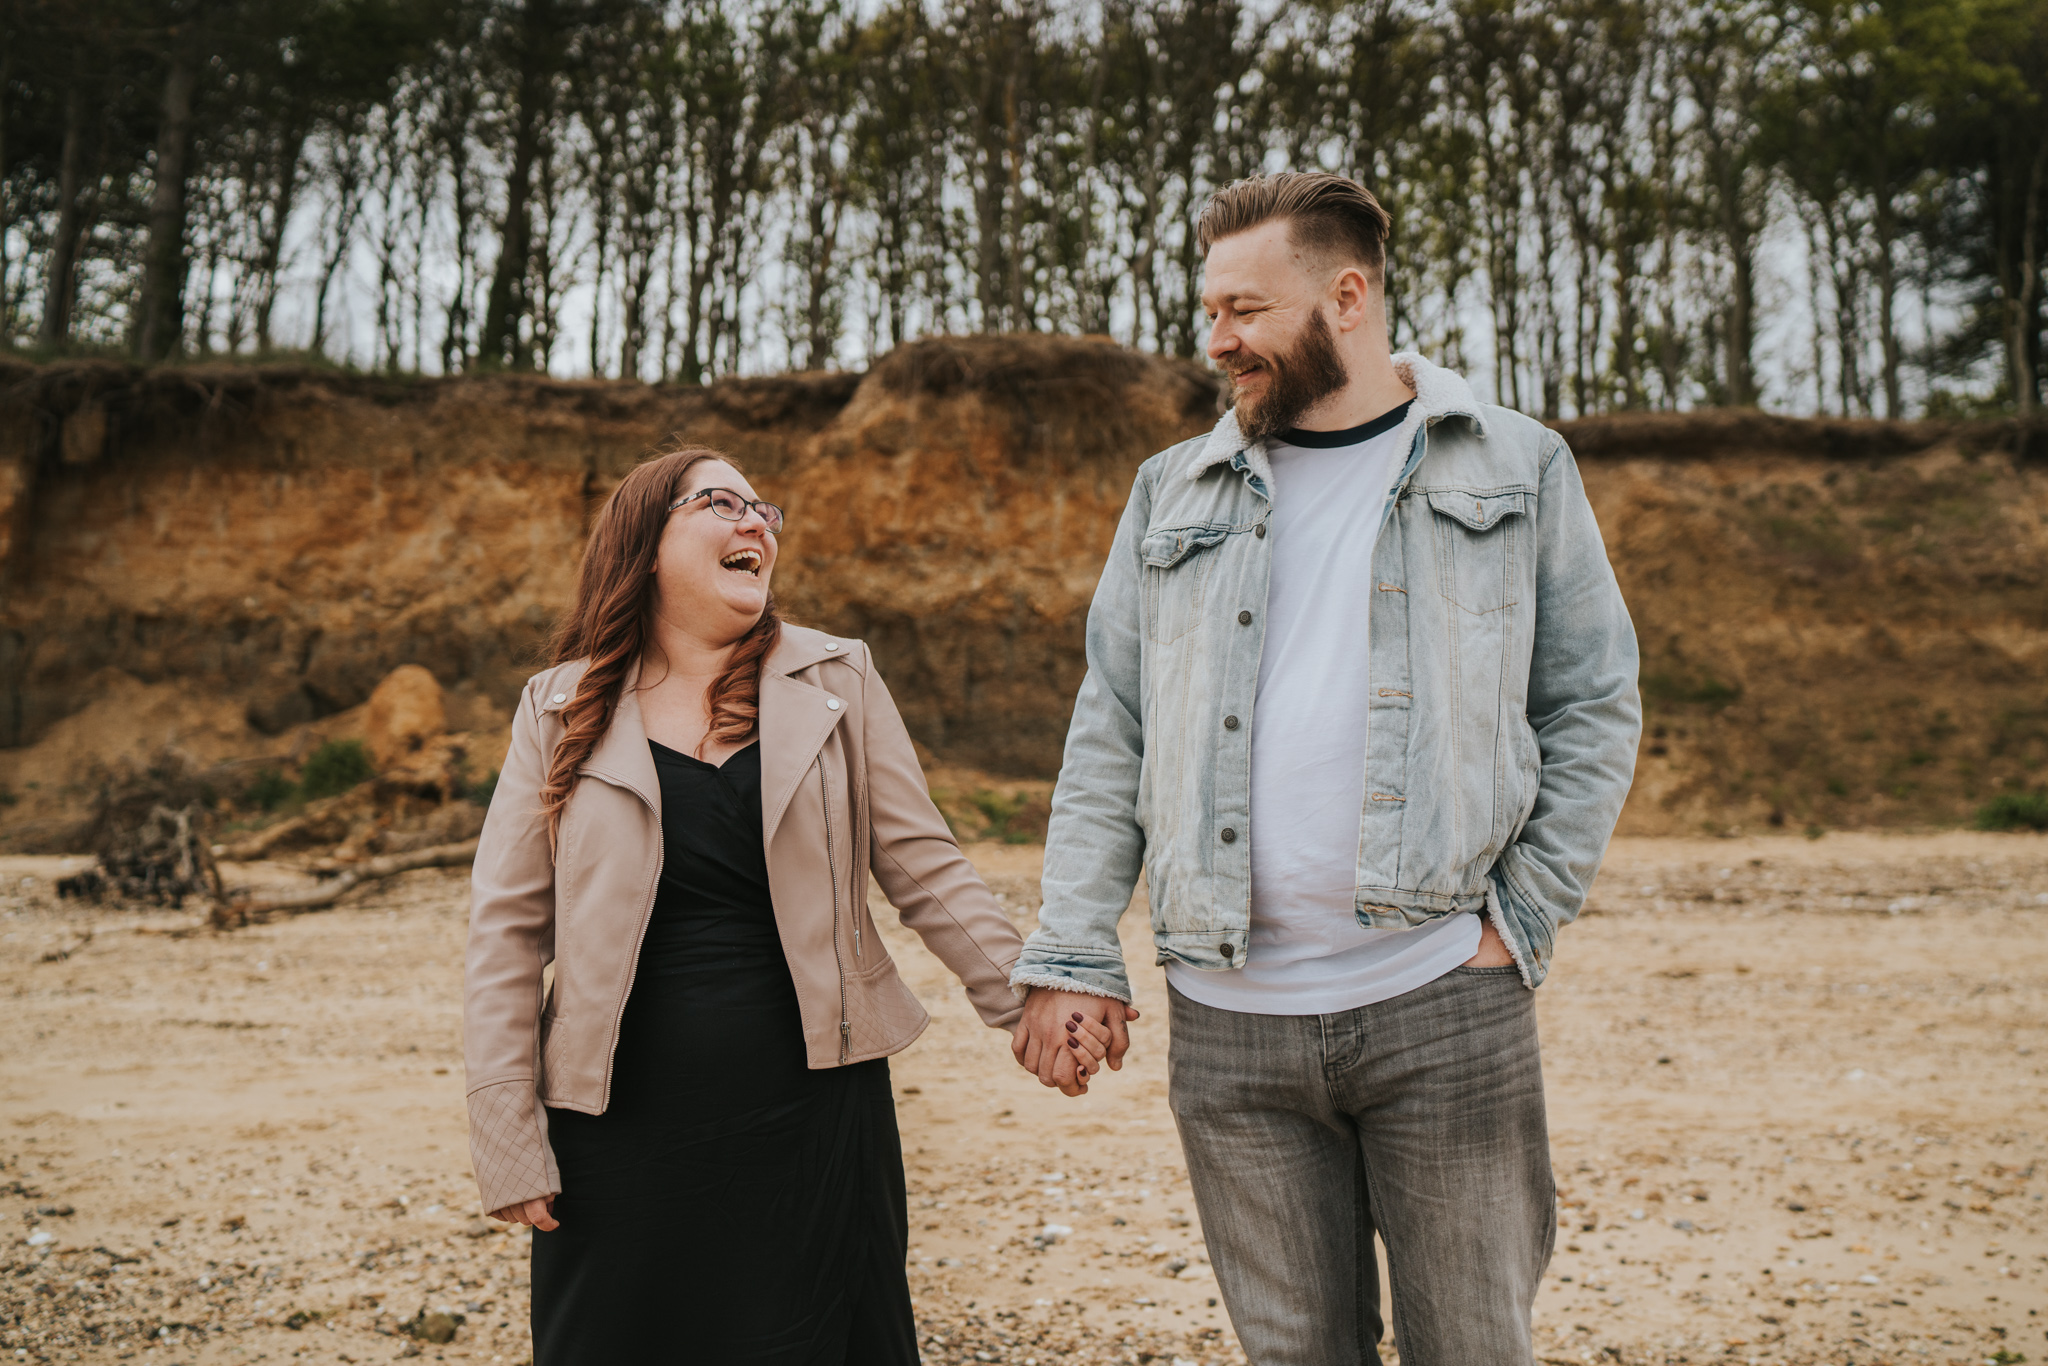 katrina-jim-cudmore-grove-beach-couple-engagement-session-grace-elizabeth-colchester-essex-alternative-wedding-lifestyle-photographer-essex-suffolk-norfolk-devon (10 of 47).jpg